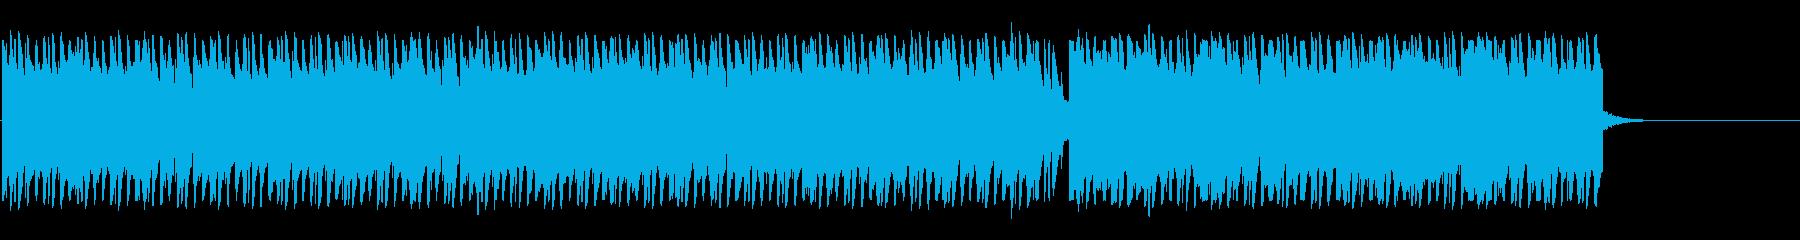 かなり緩めのハウスの再生済みの波形